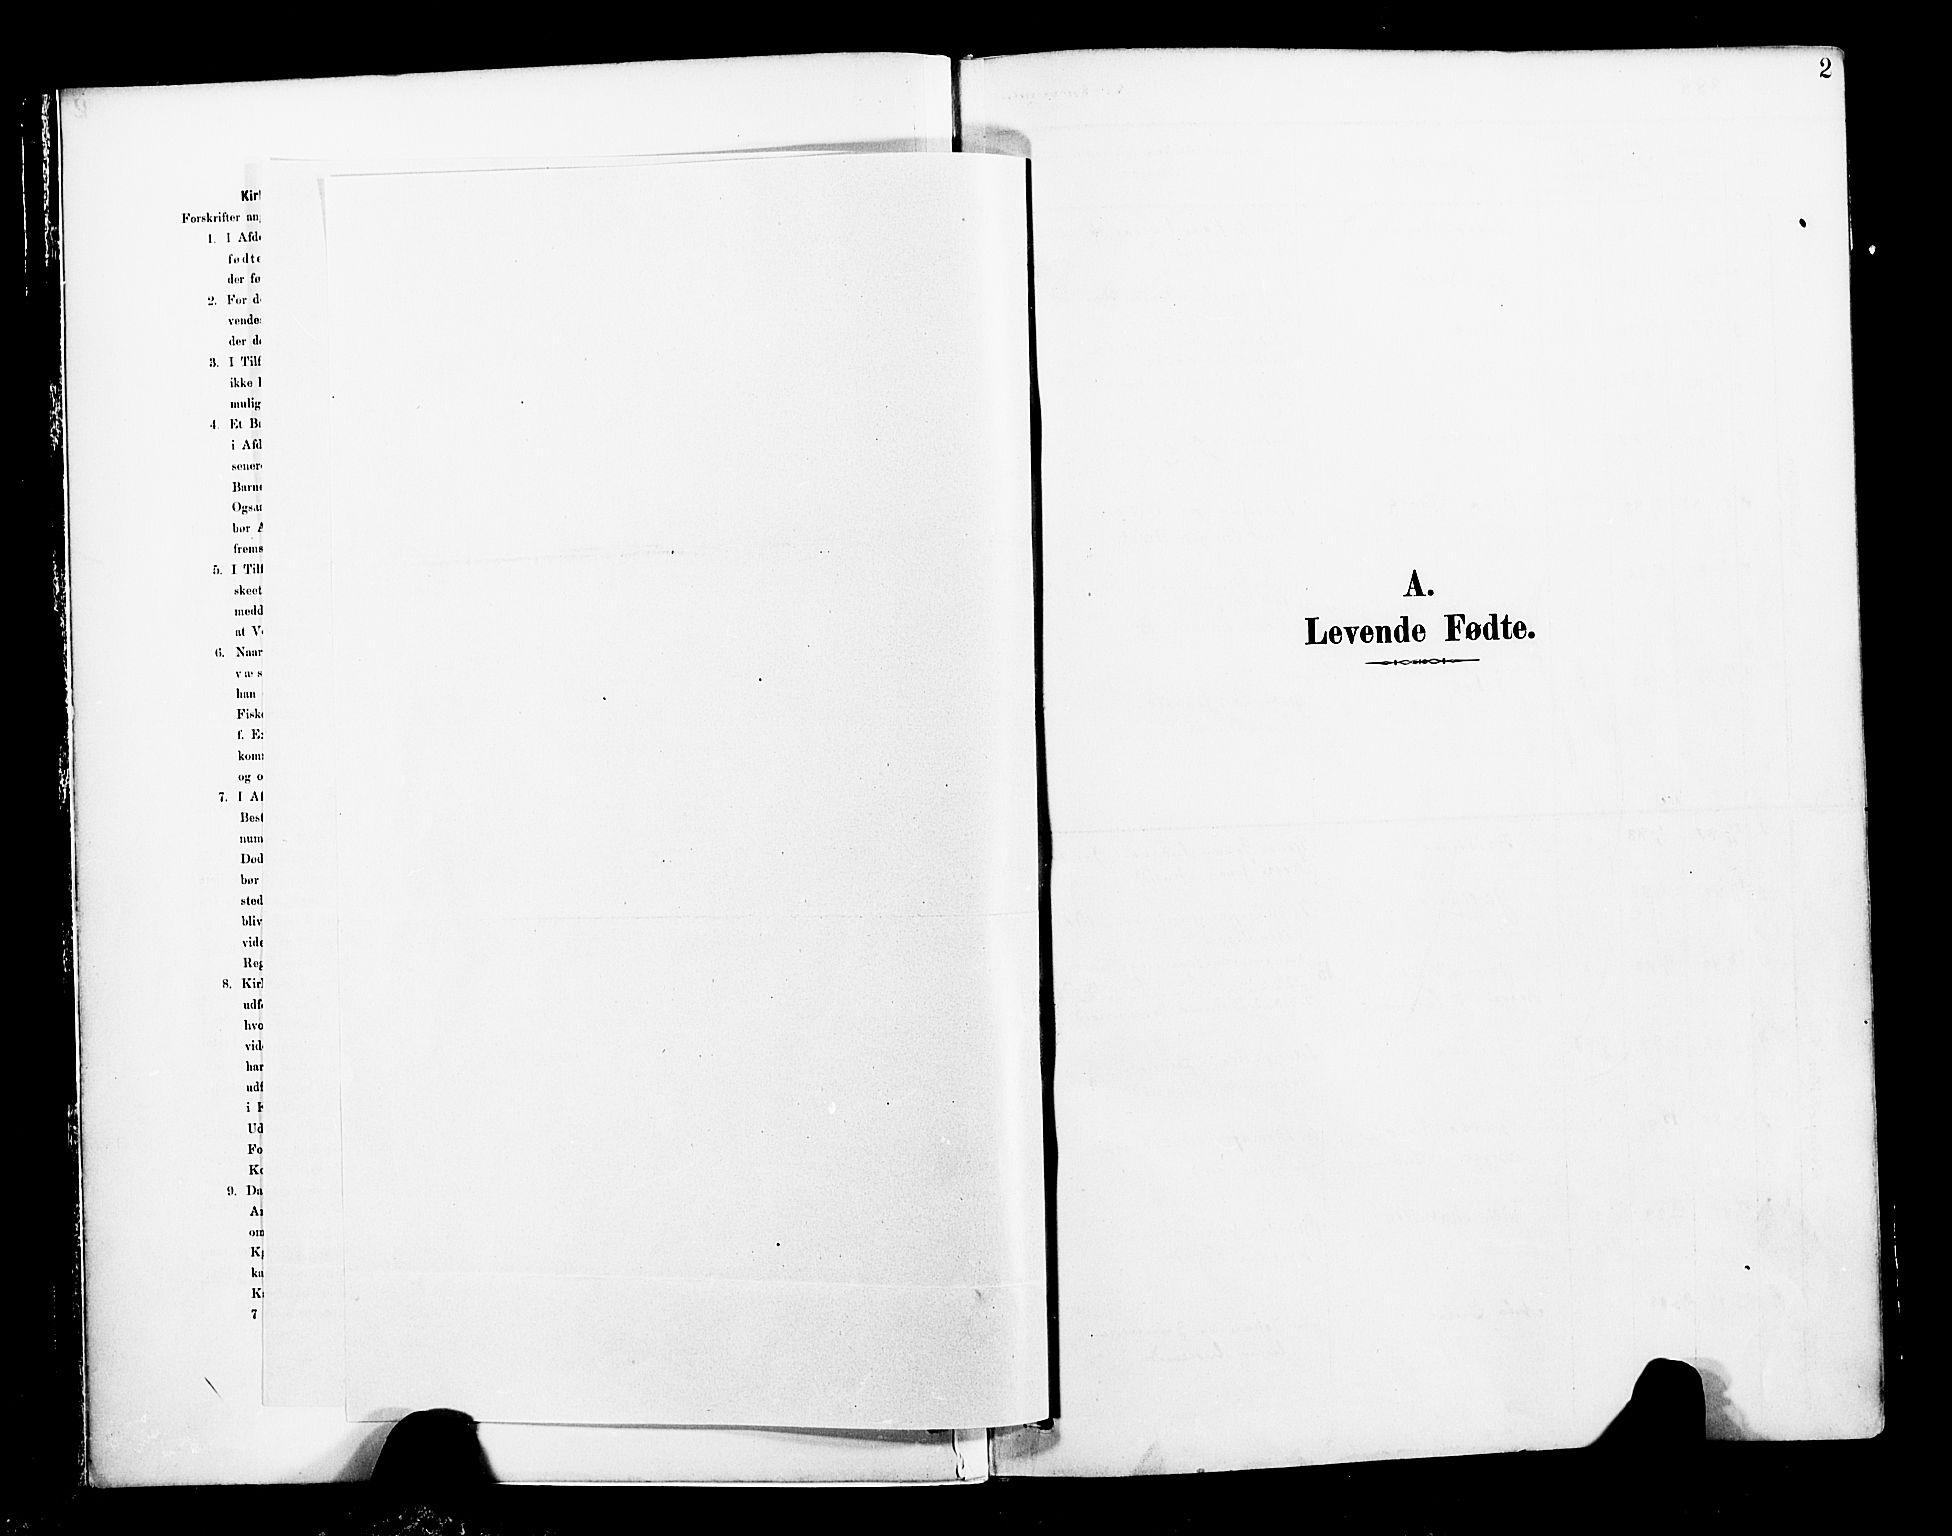 SAT, Ministerialprotokoller, klokkerbøker og fødselsregistre - Nord-Trøndelag, 713/L0121: Ministerialbok nr. 713A10, 1888-1898, s. 2